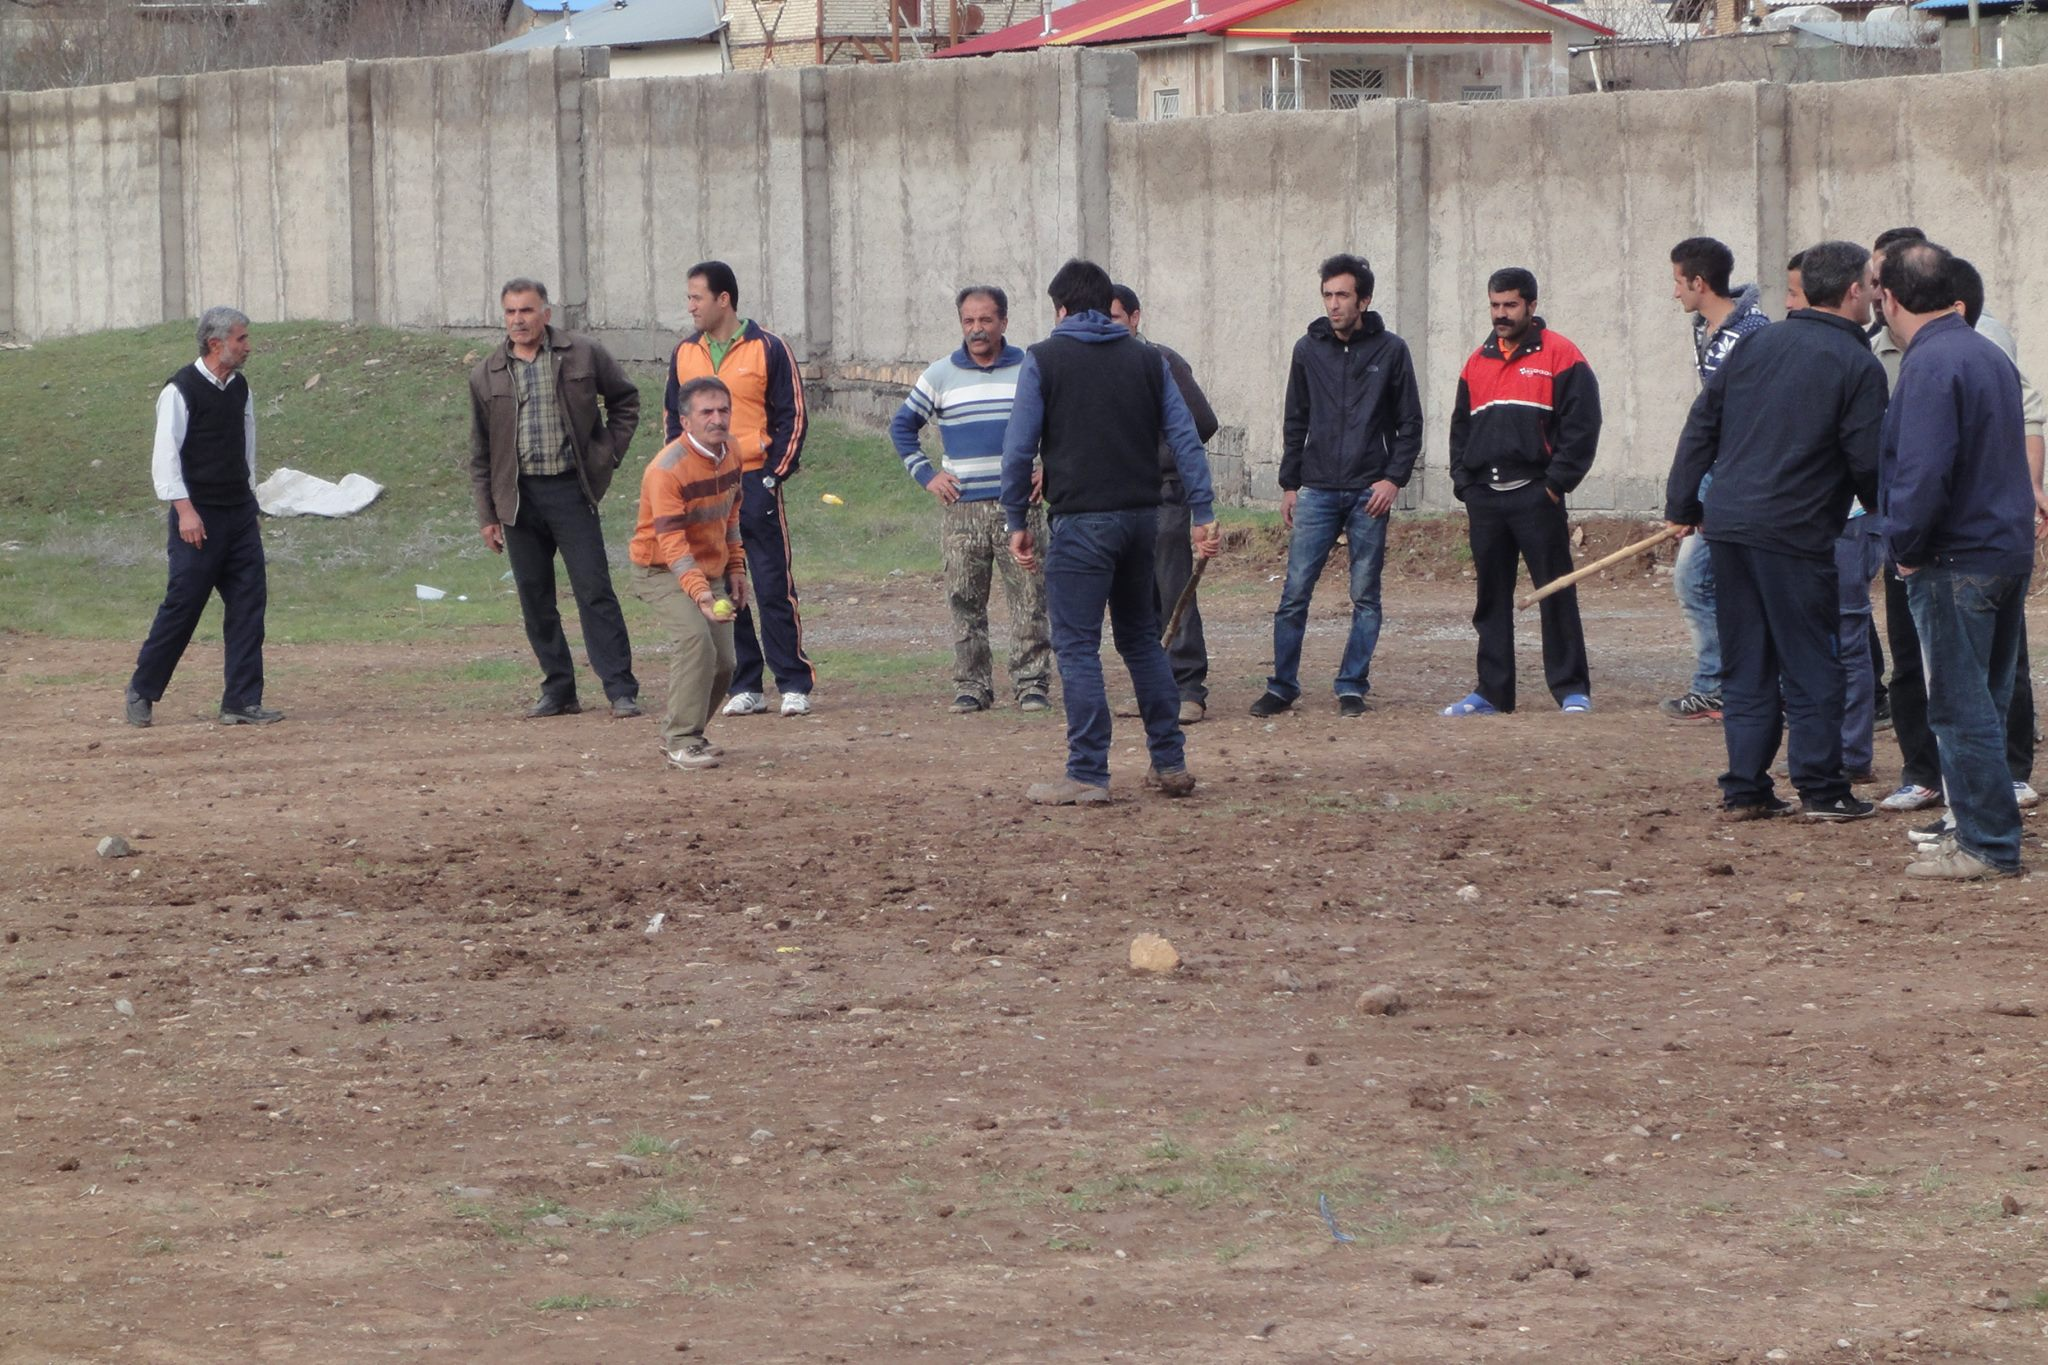 بازی تبکشی روز سیزدهم فروردین 93-روستای اناده عکس از  خانم حدادی.